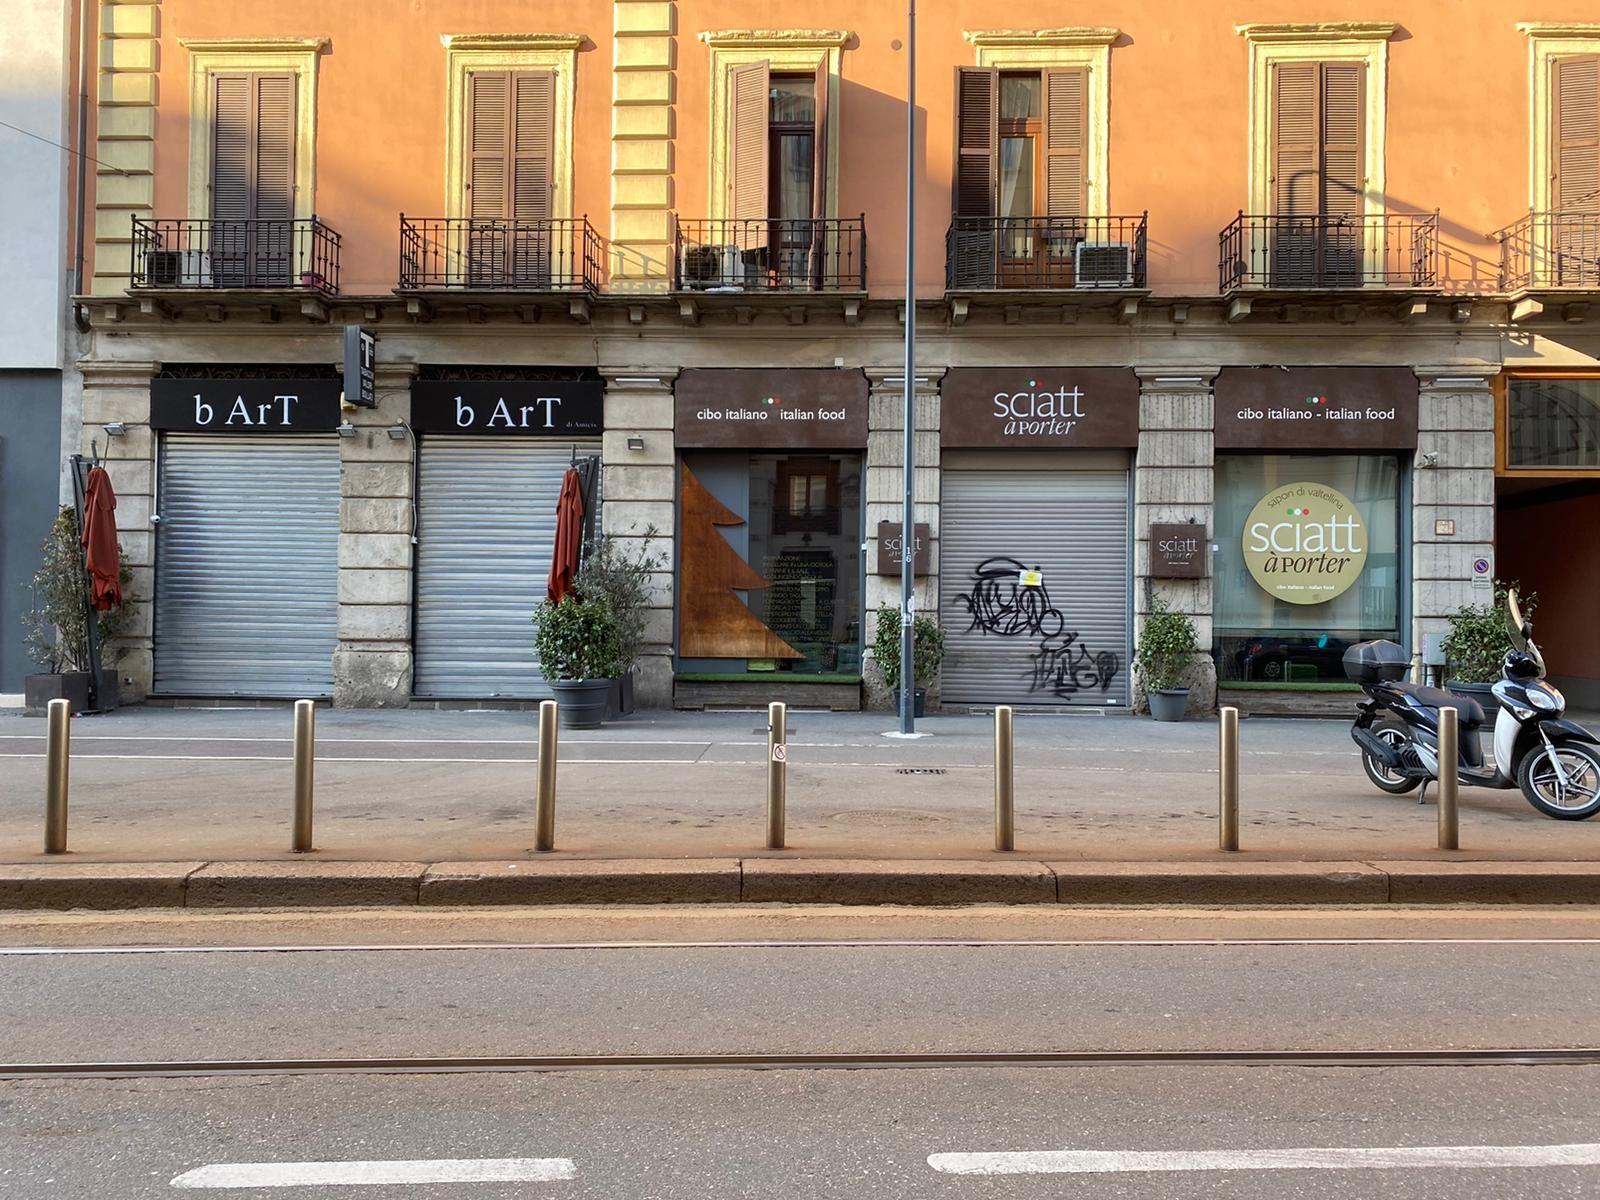 Milão vazia. Para minimizar as perdas, restaurantes decidiram implementar o sistema de entregas. Foto: Fernanda Massatotto.